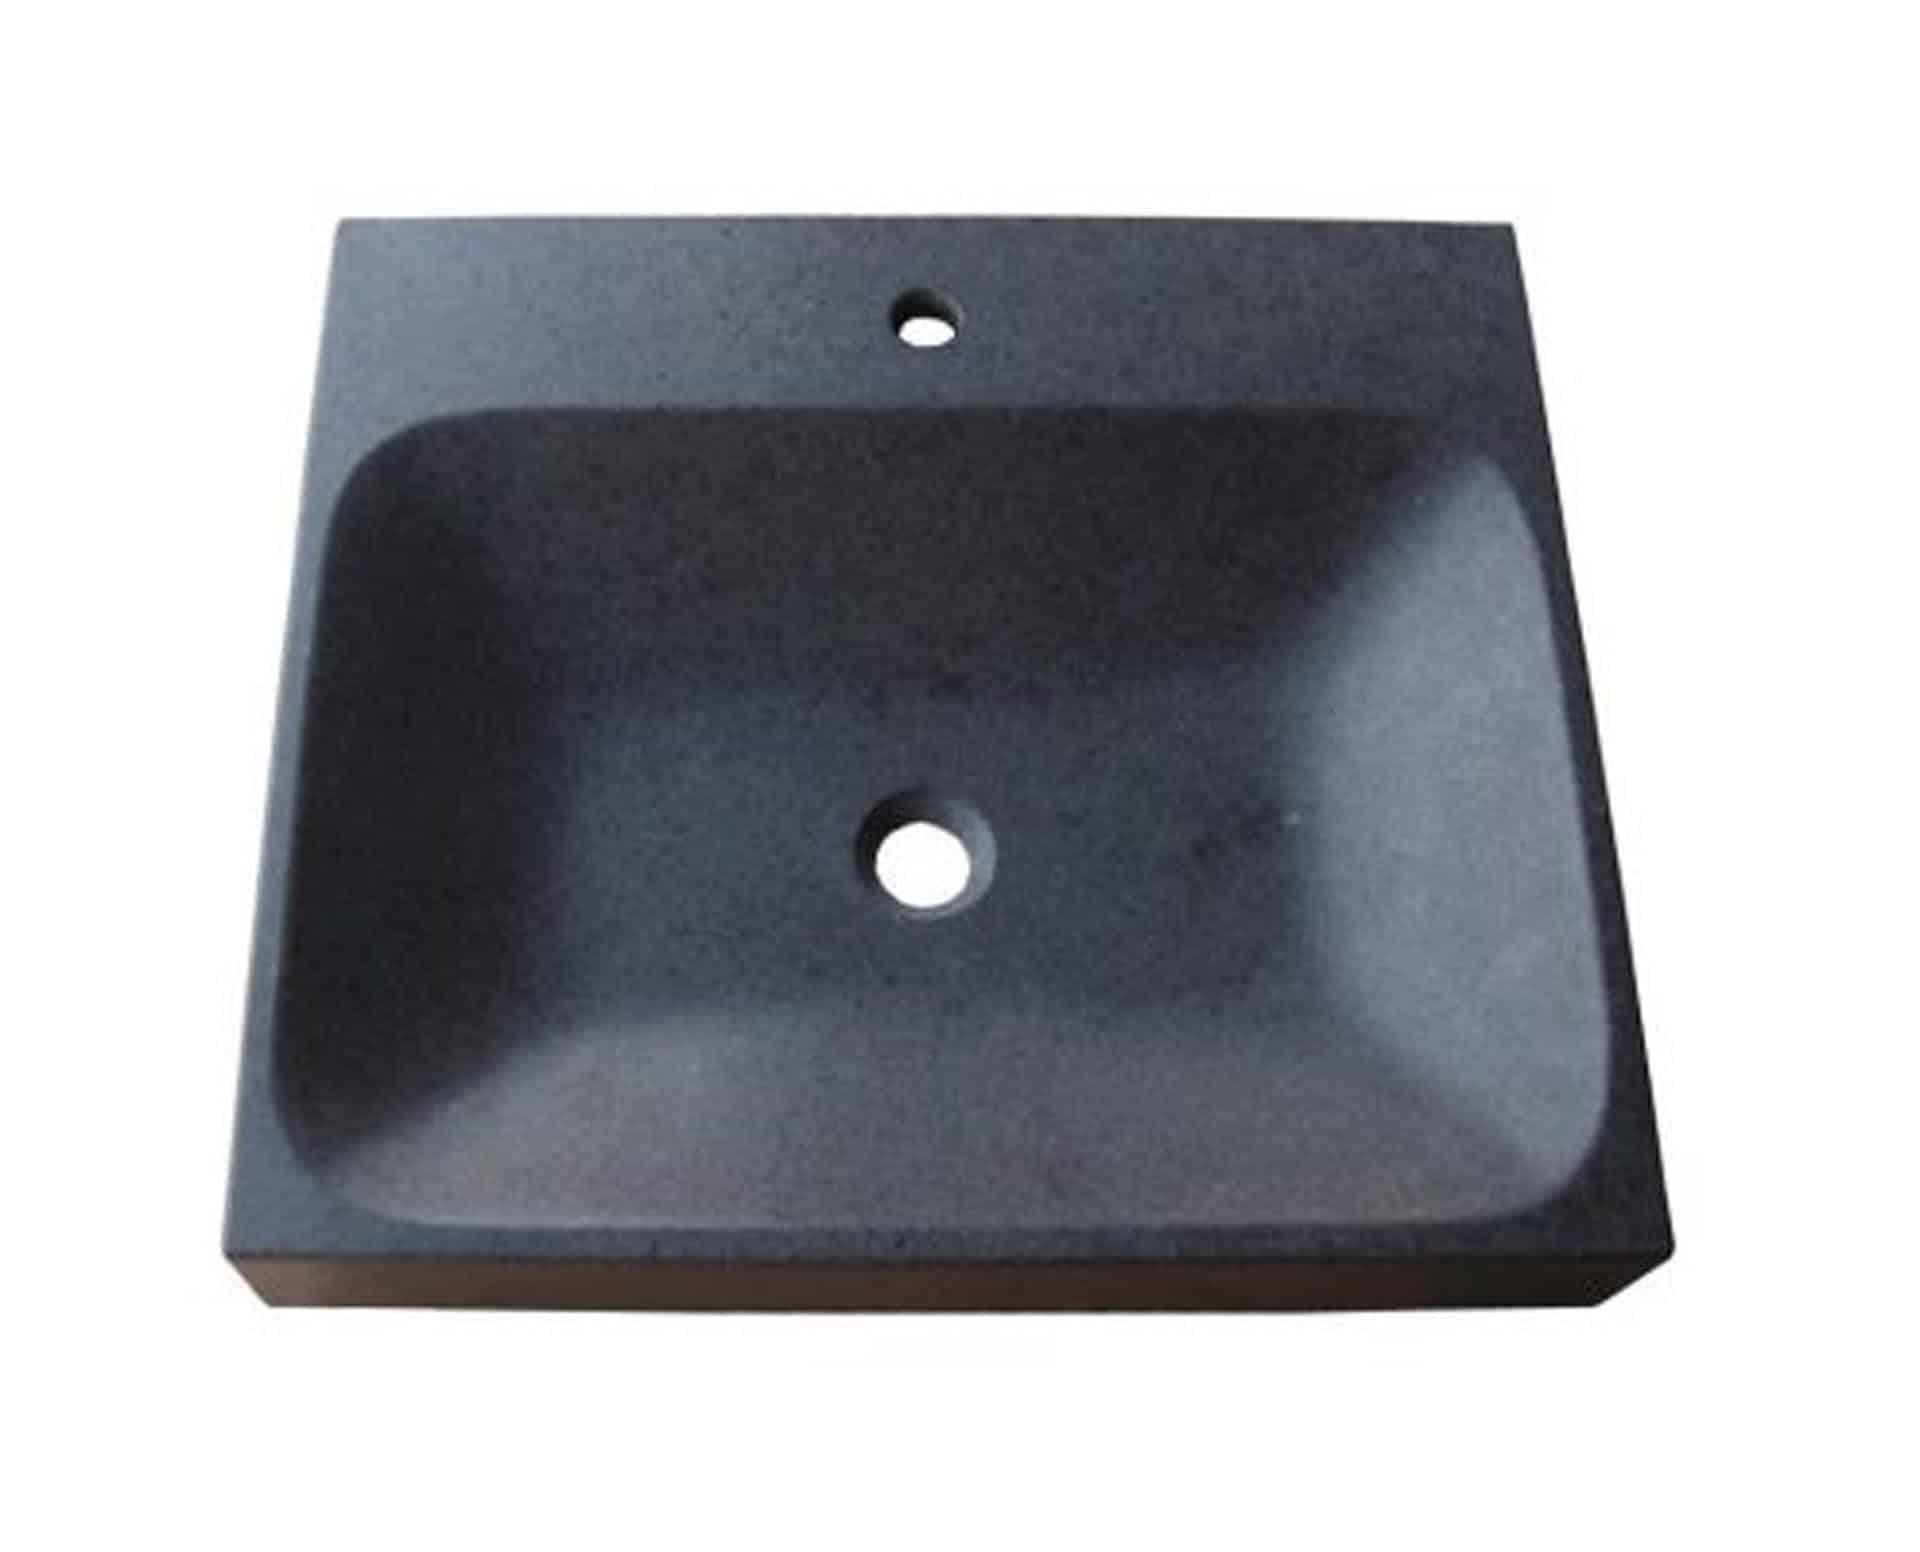 Eksklusiv designhåndvask fremstillet i massiv granit. Den sorte granit har en mat finish. En ægte stenvask i målene: 61 x 54 x 9,5 cm. Vasken er bearbejdet ud af et helt stykke granit - vi fræser ganske enkelt en håndvask ud af sten. Alle de afsluttende små detaljer er håndlavet. Med denne vask vil man få et stykke natur hjem i badeværelset. Det er kvalitet, som holder mange år ud i tiden. Vasken kan bruges som fritstående vask - da vasken er flad i bunden er den velegnet til at placere direkte på en bordplade. Vasken er hensynsmæssigt designet med fine rundinger, som både giver vasken et eksklusivt udtryk og gør den rengøringsvenlig. Vasken vedligeholdes med voks - vi anbefaler en behandling med vores egen naturvoks ID12002 et par gange om året for at opnå optimalt look.